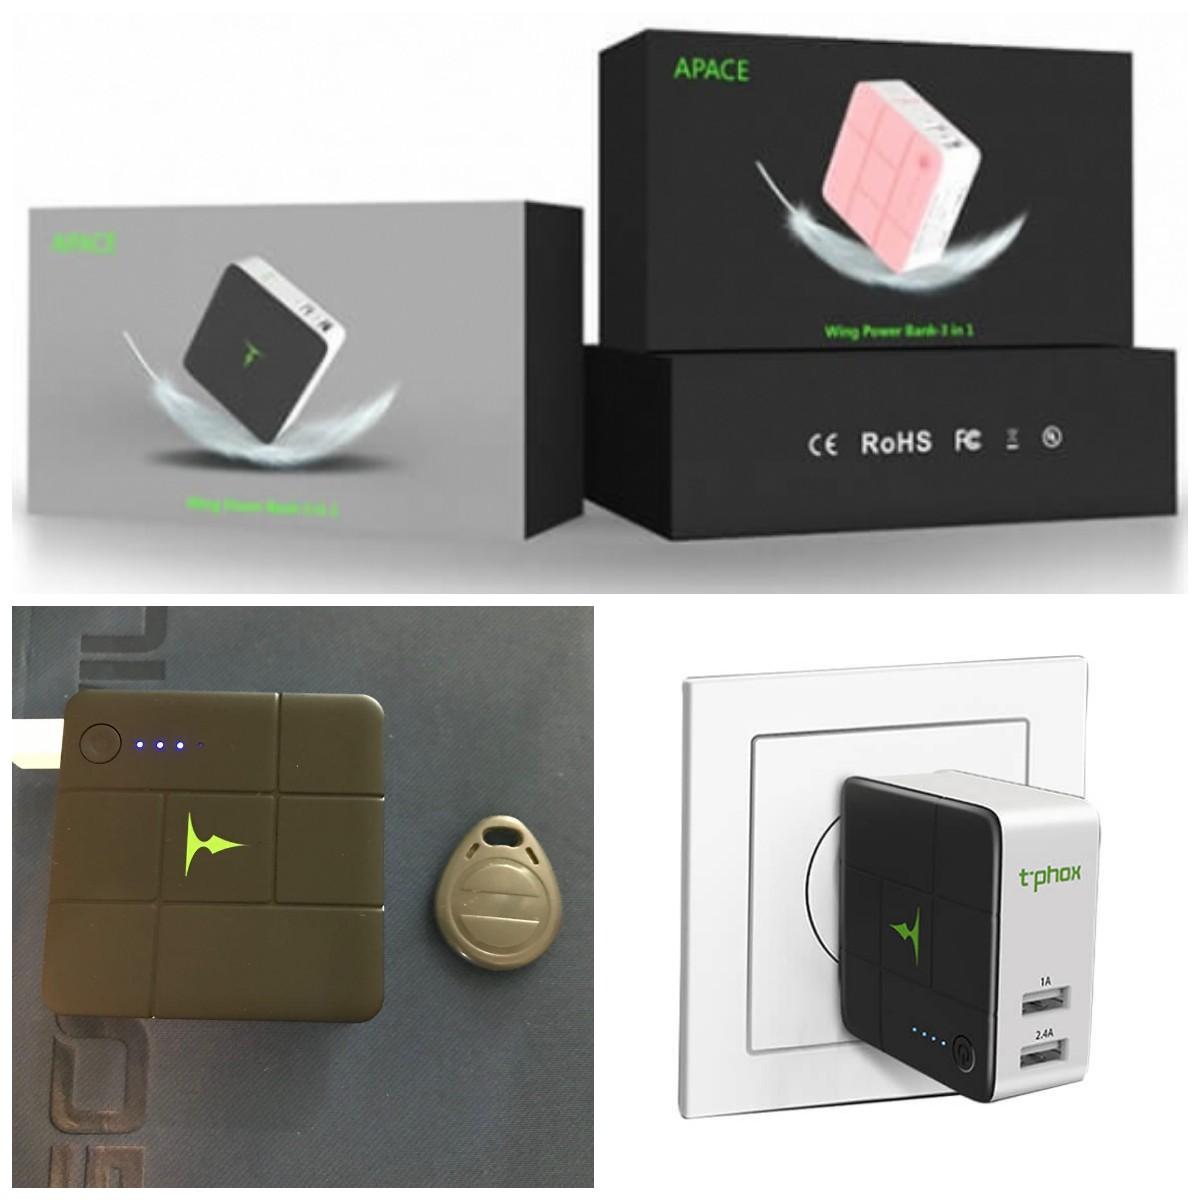 Мережеве і портативний зарядний пристрій T-phox (2в1 сам себе заряджає) (5000mAh 2USB 2.4A) (EU)